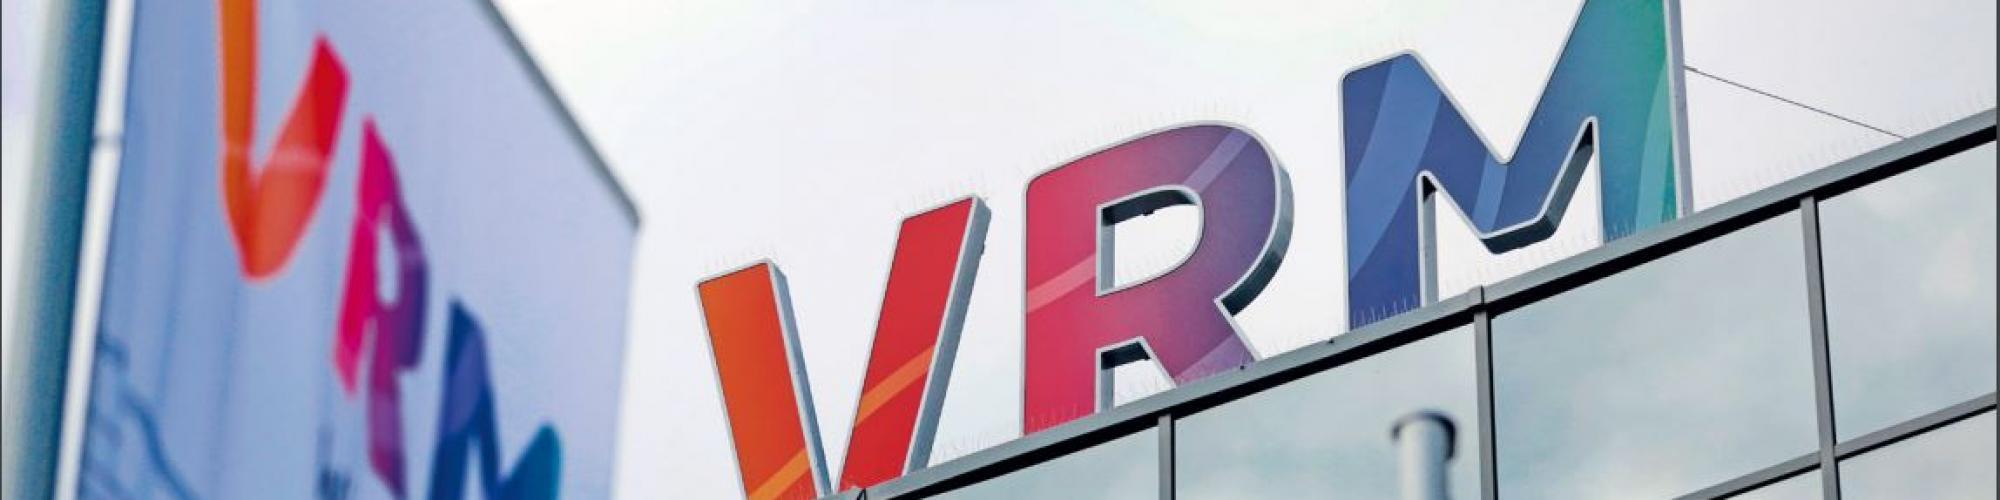 VRM GmbH & Co. KG